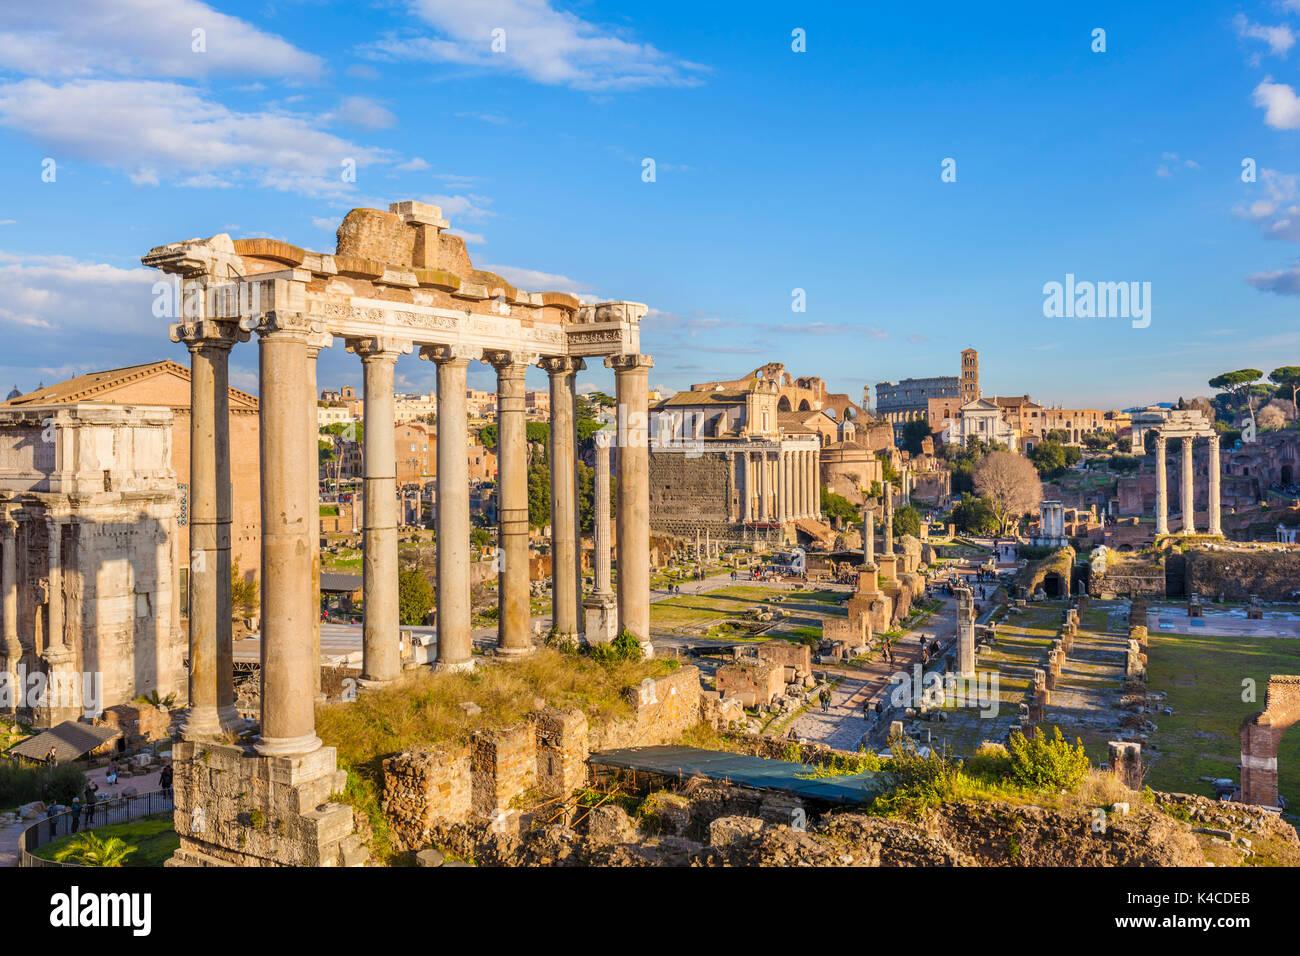 Rome Italie Les colonnes du Temple de Saturne et aperçu des ruines du Forum Romain, Site du patrimoine mondial de l'UNESCO, Rome, Latium, Italie, Europe Photo Stock